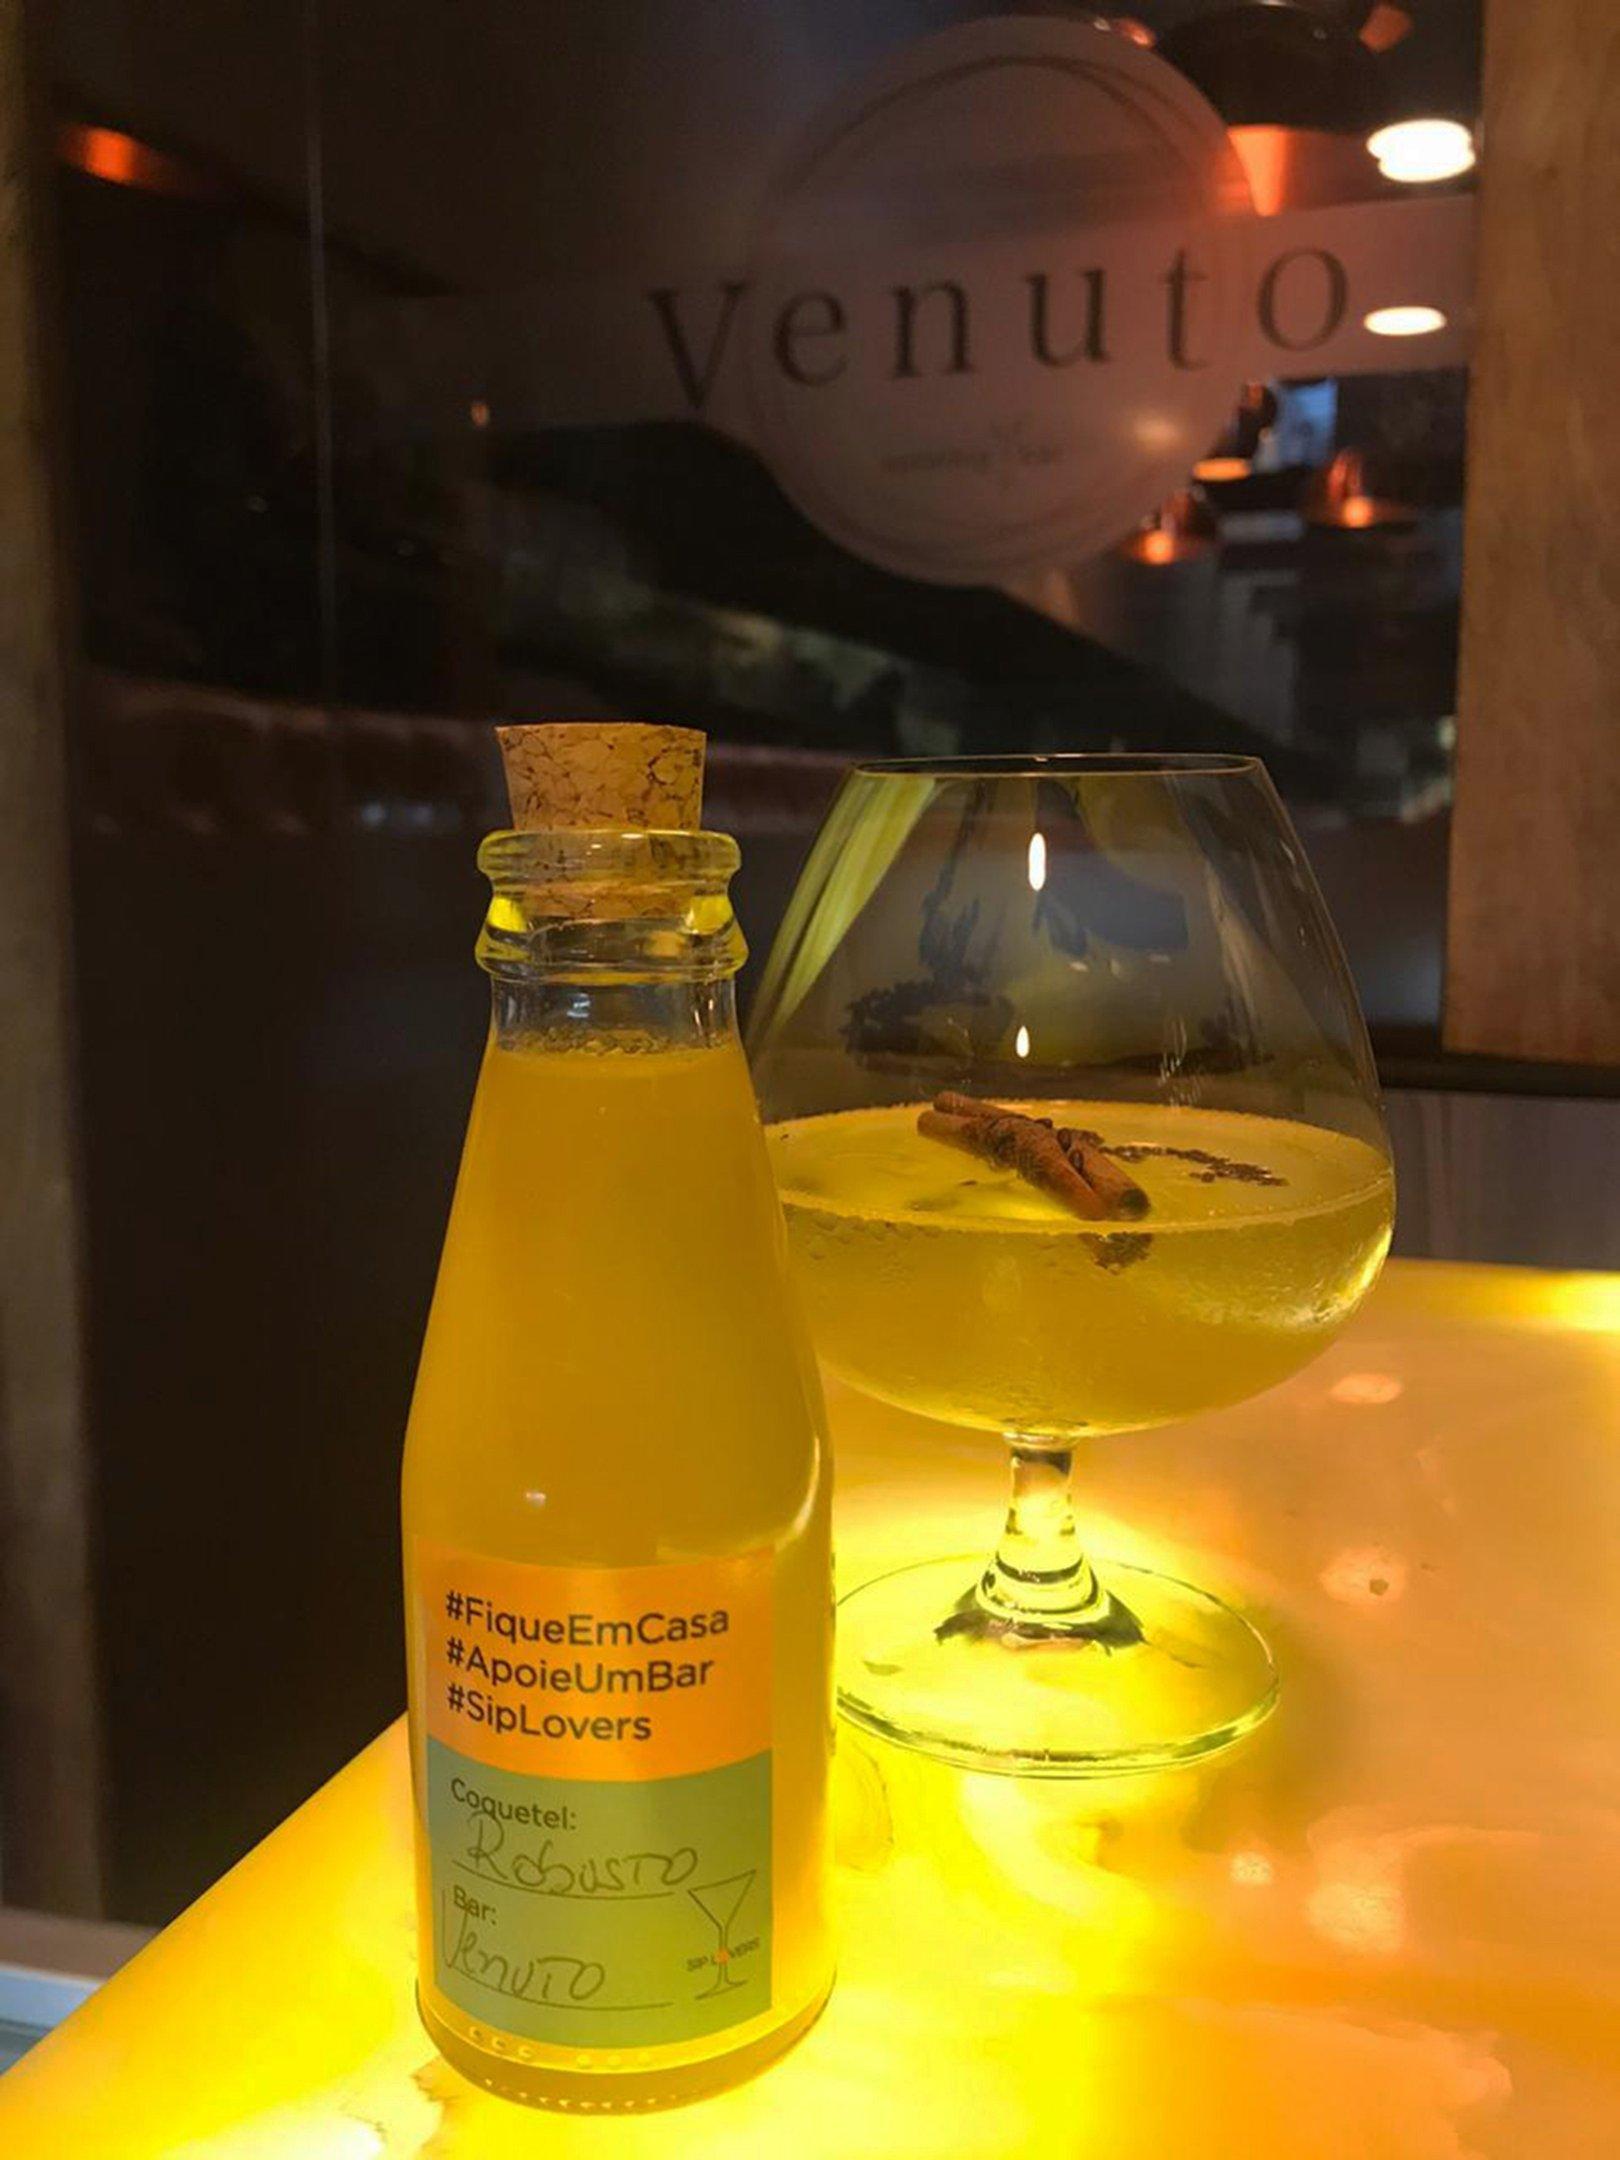 Drinque Robusto engarrafado, do Venuto